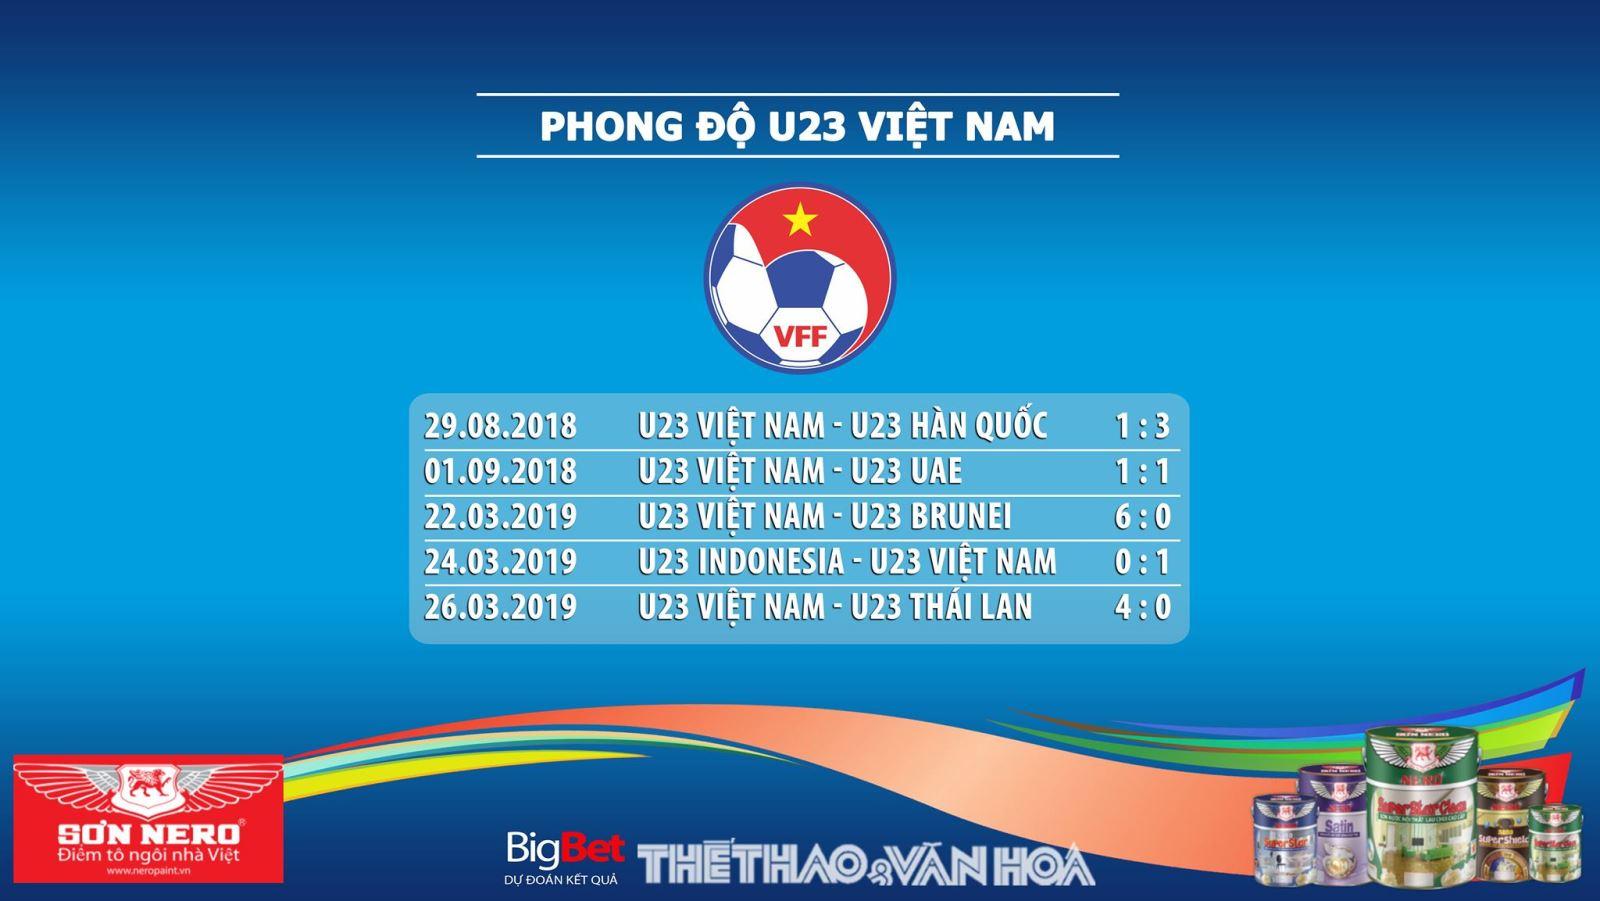 lịch thi đấu U23 Việt Nam, lịch thi đấu U23 Việt Nam vs Myanmar, U23 Việt Nam, U23 Myanmar, truc tiep bong da, trực tiếp bóng đá, VTC1, VTC3, VTV5, VTV6, xem bóng đá